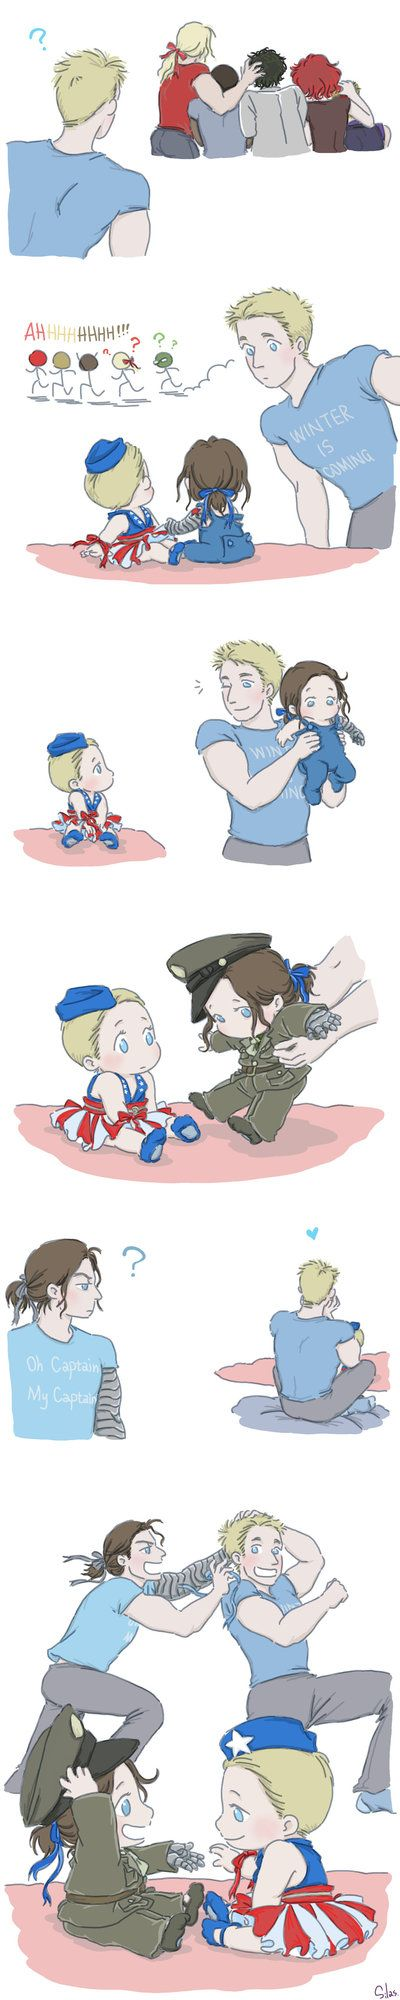 Steve And Bucky Babies Ribbon 2 By Silassamle Tiny Bucky